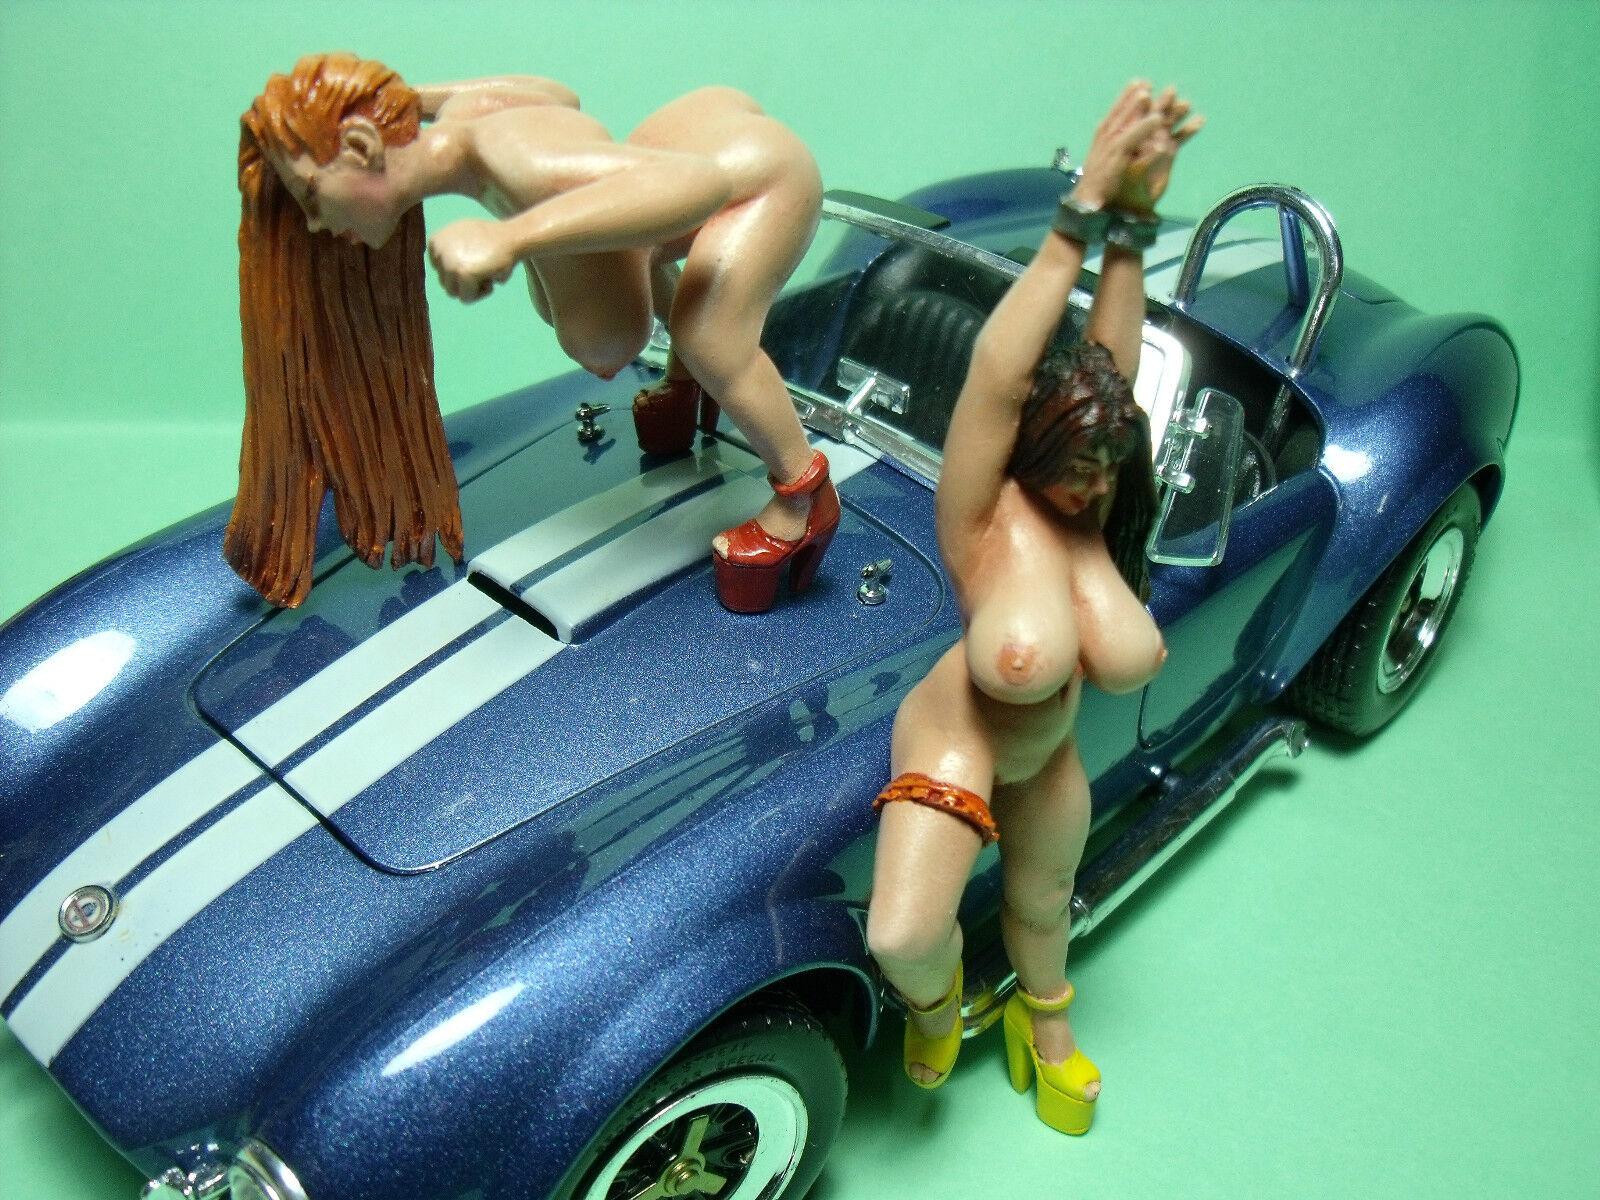 Cobra Girls Eredic Unpainted 1 18 FIGURES MADE BY VROOM 80 MM